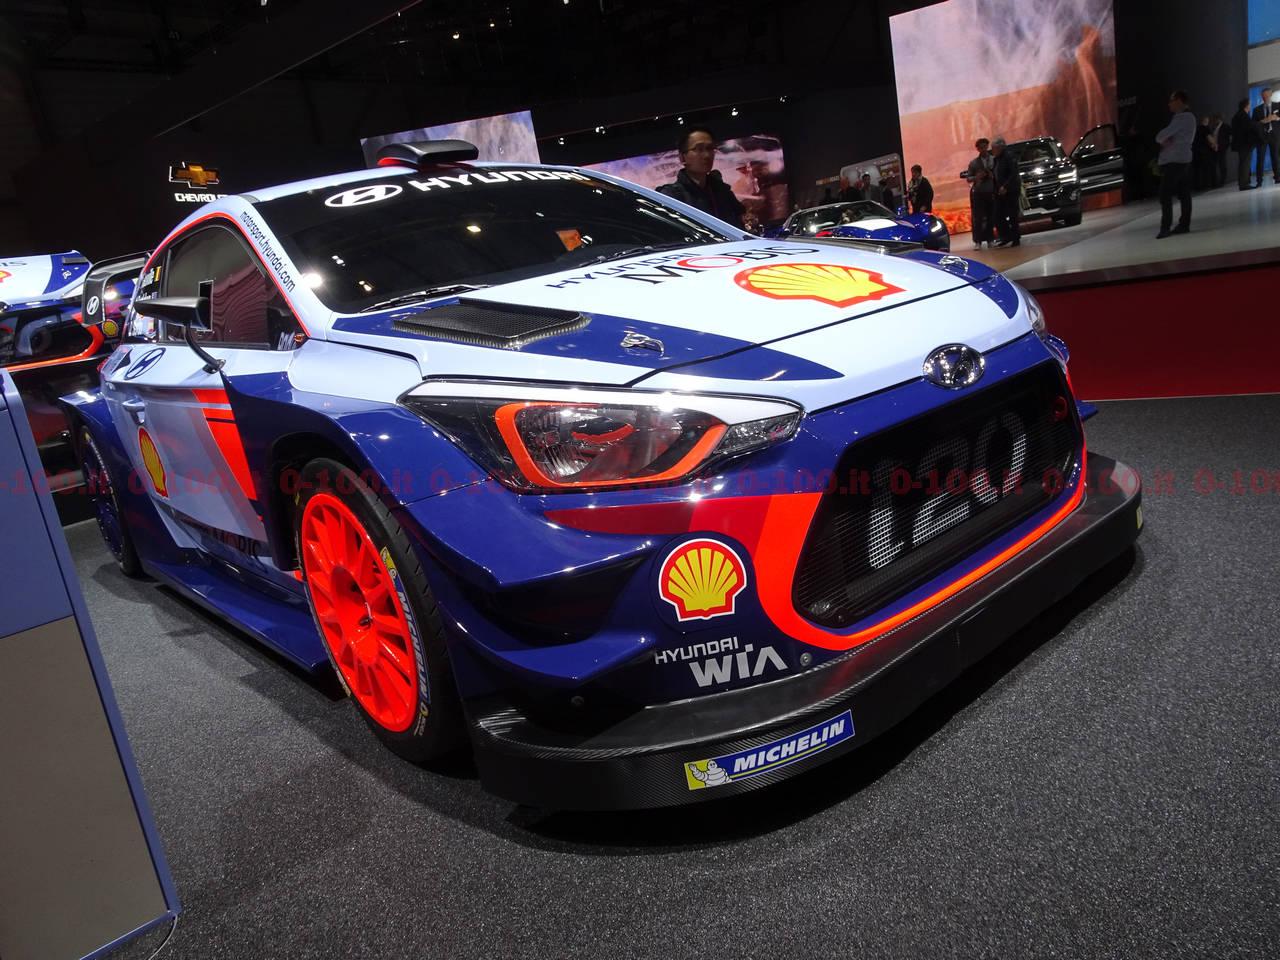 geneva-geneve-ginevra-2017_hyundai_i20-WRC-0-100_72